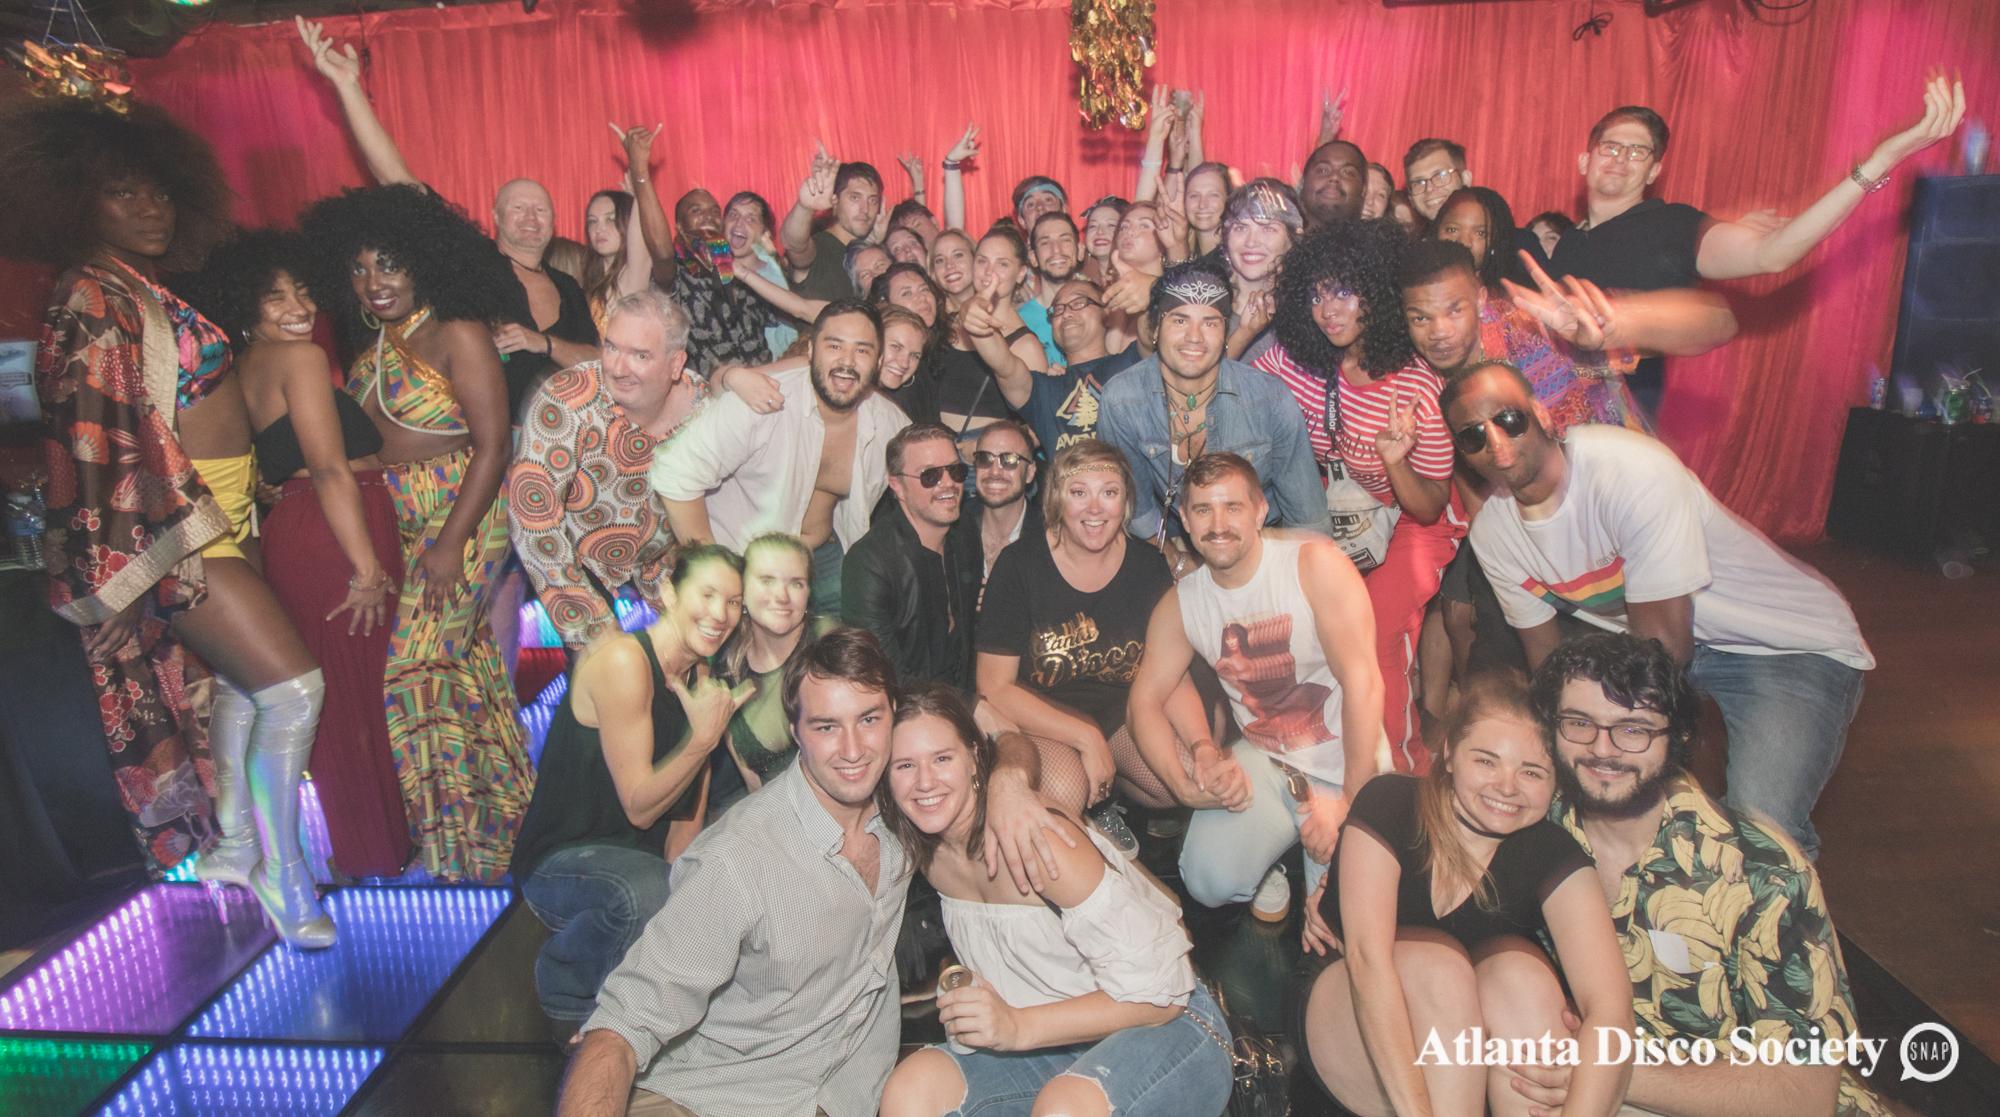 198Atlanta Disco Society Grace Kelly Oh Snap Kid 7.27.19.jpg